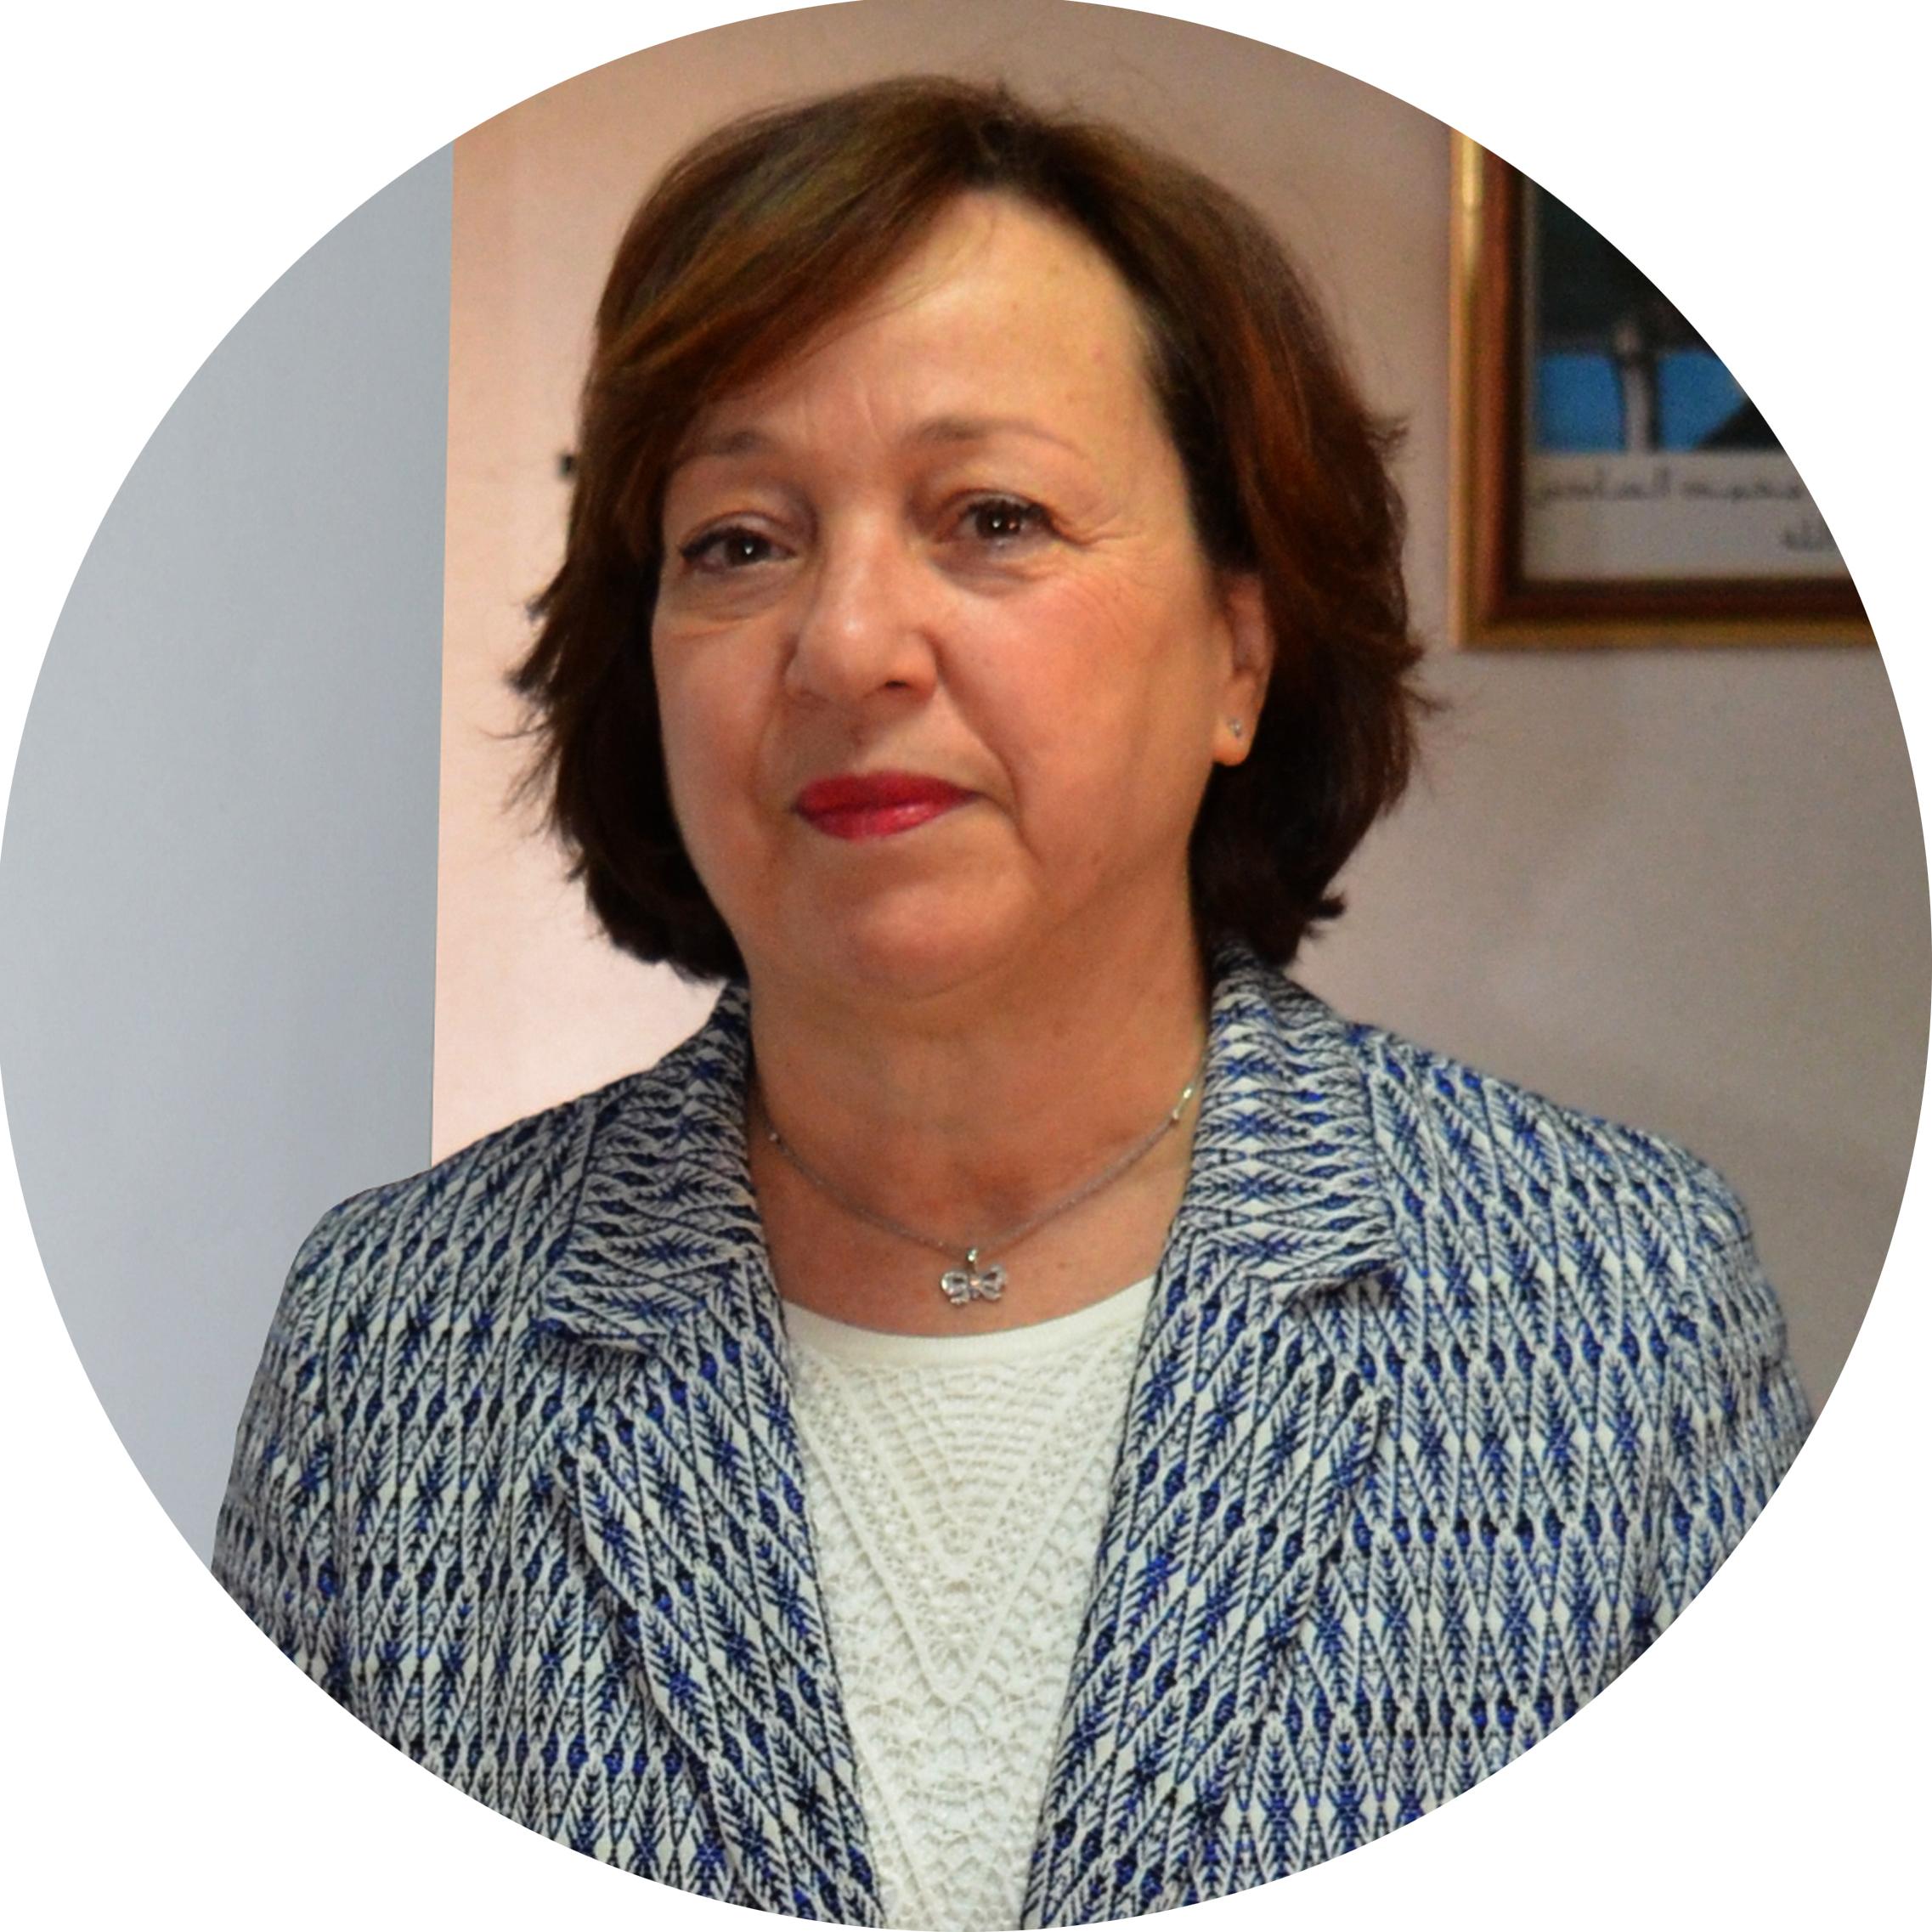 Touria Skalli